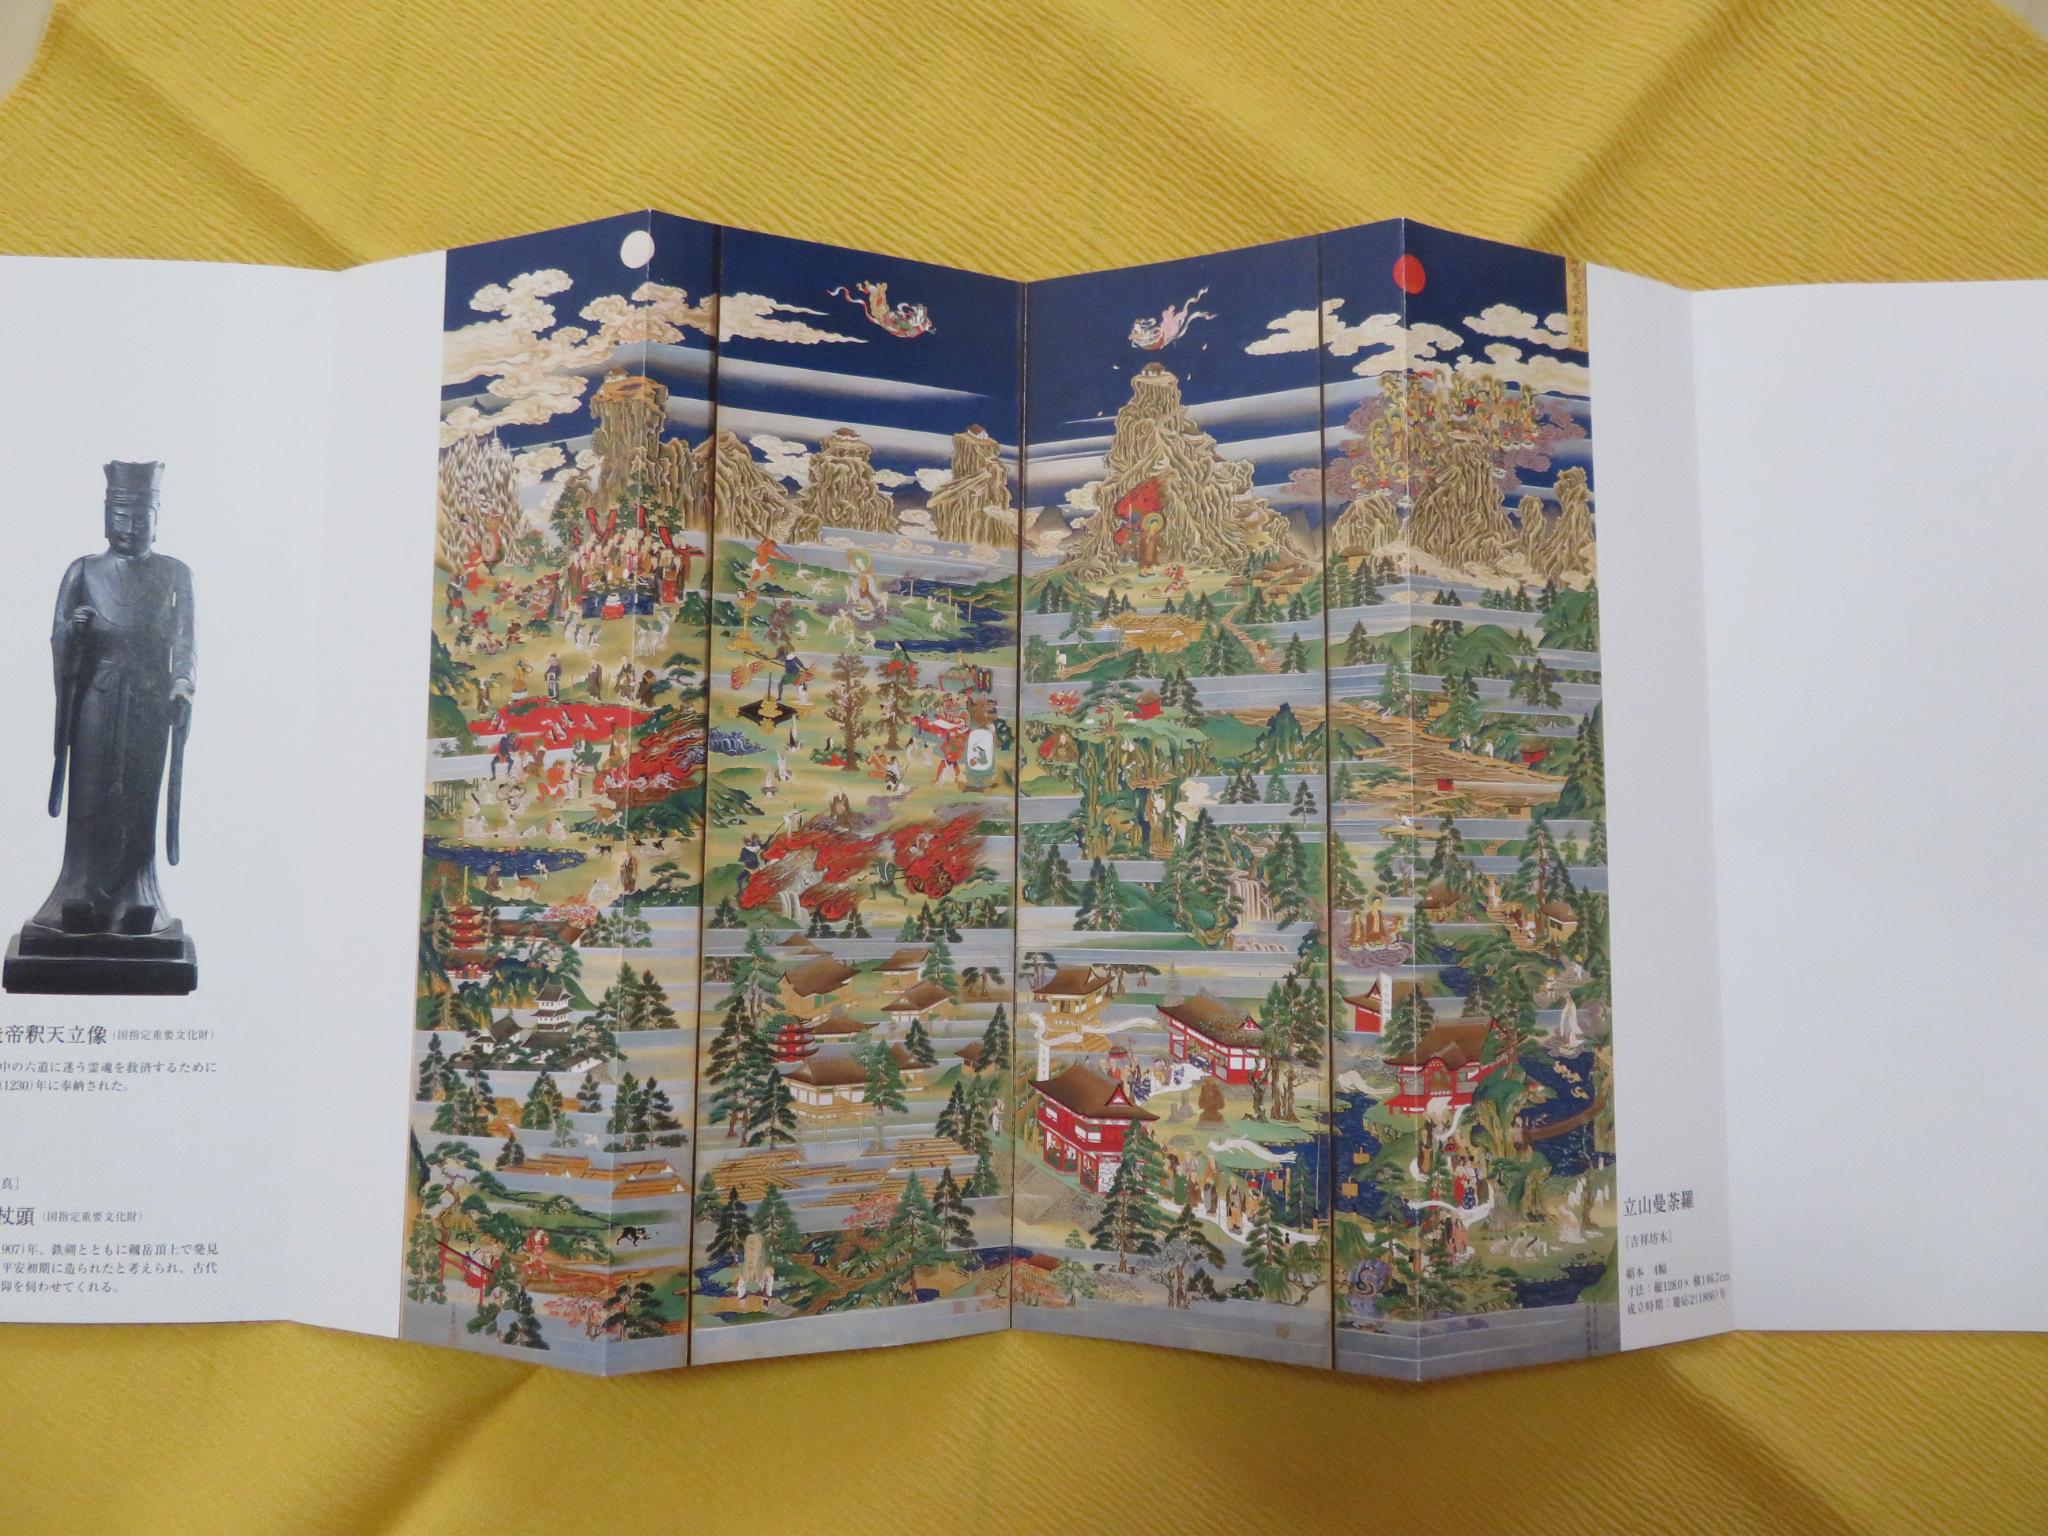 立山曼荼羅(展示館のパンフレットから)